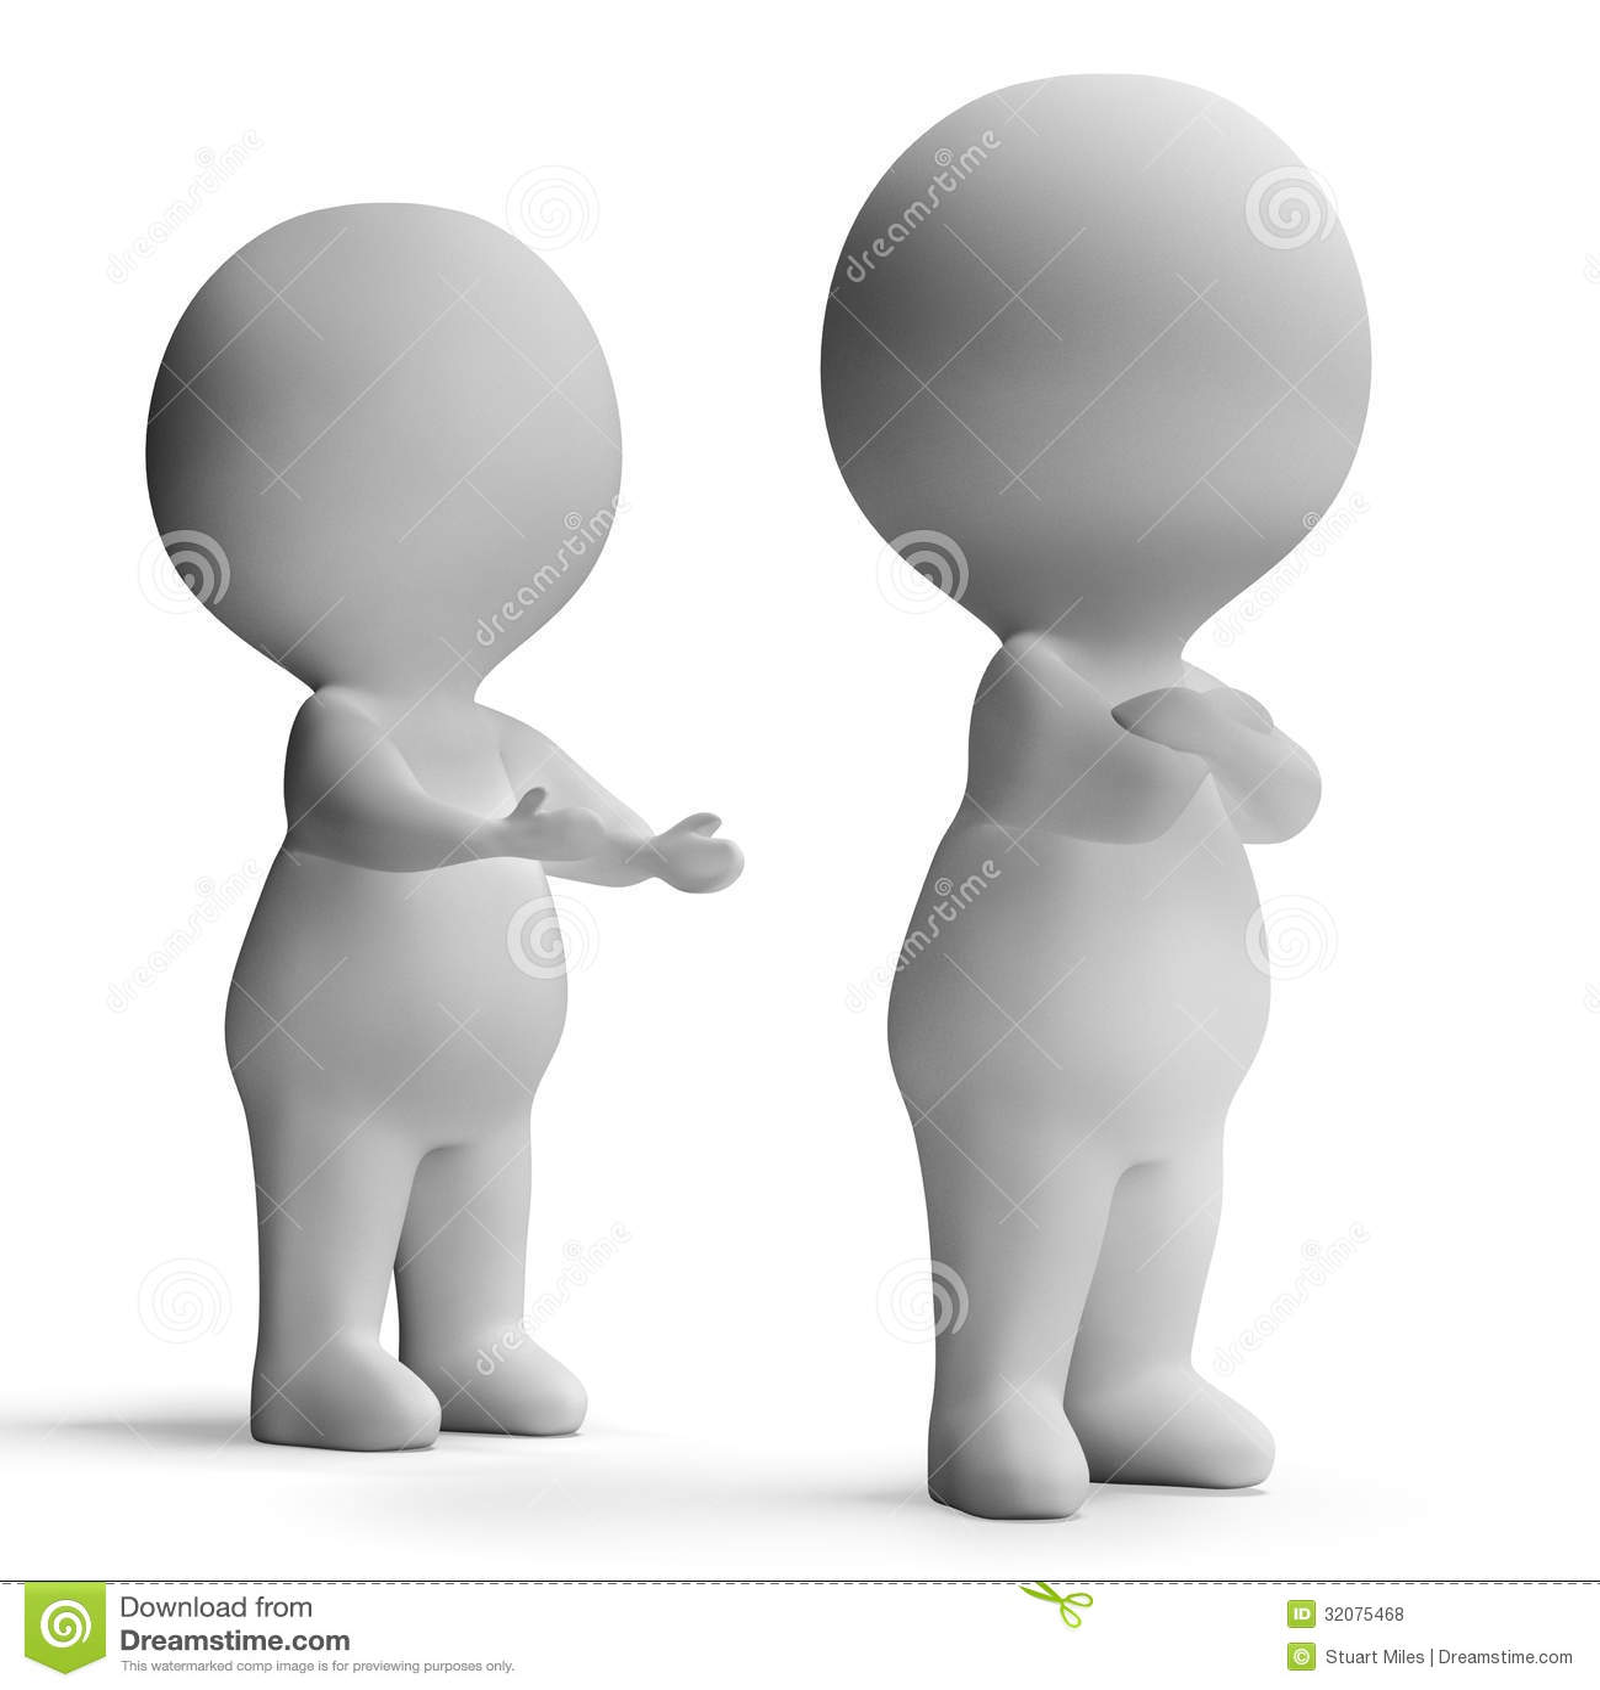 upset unhappy 3d character showing disagreement between